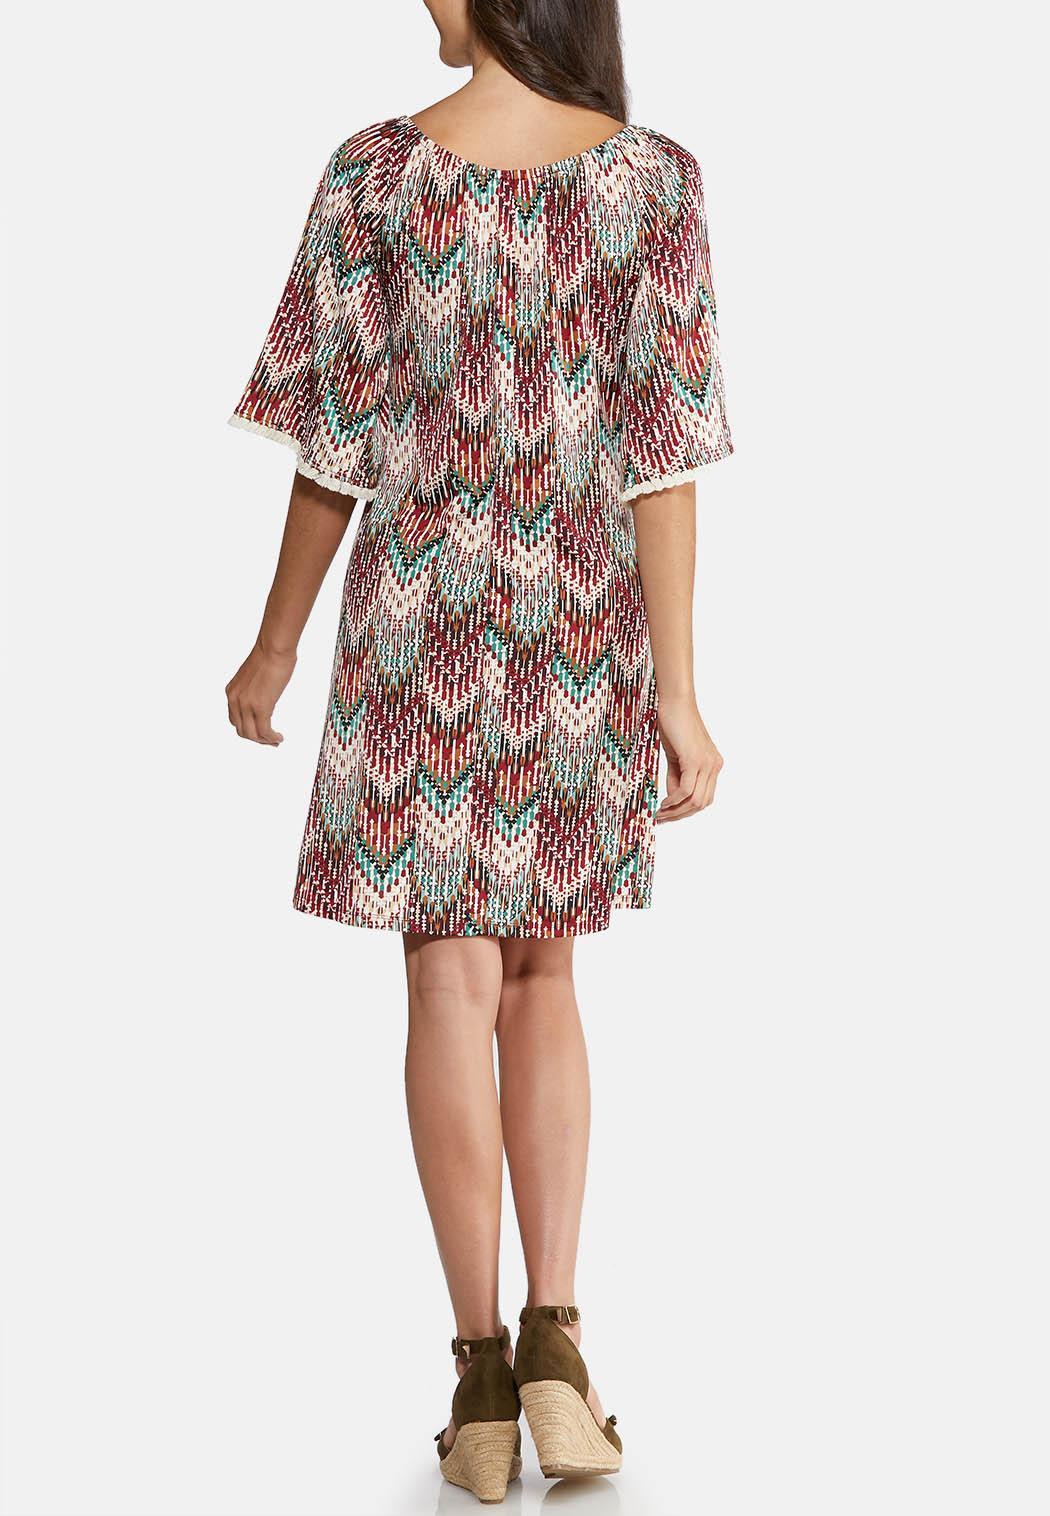 Puff Tassel Trim Dress (Item #43920928)